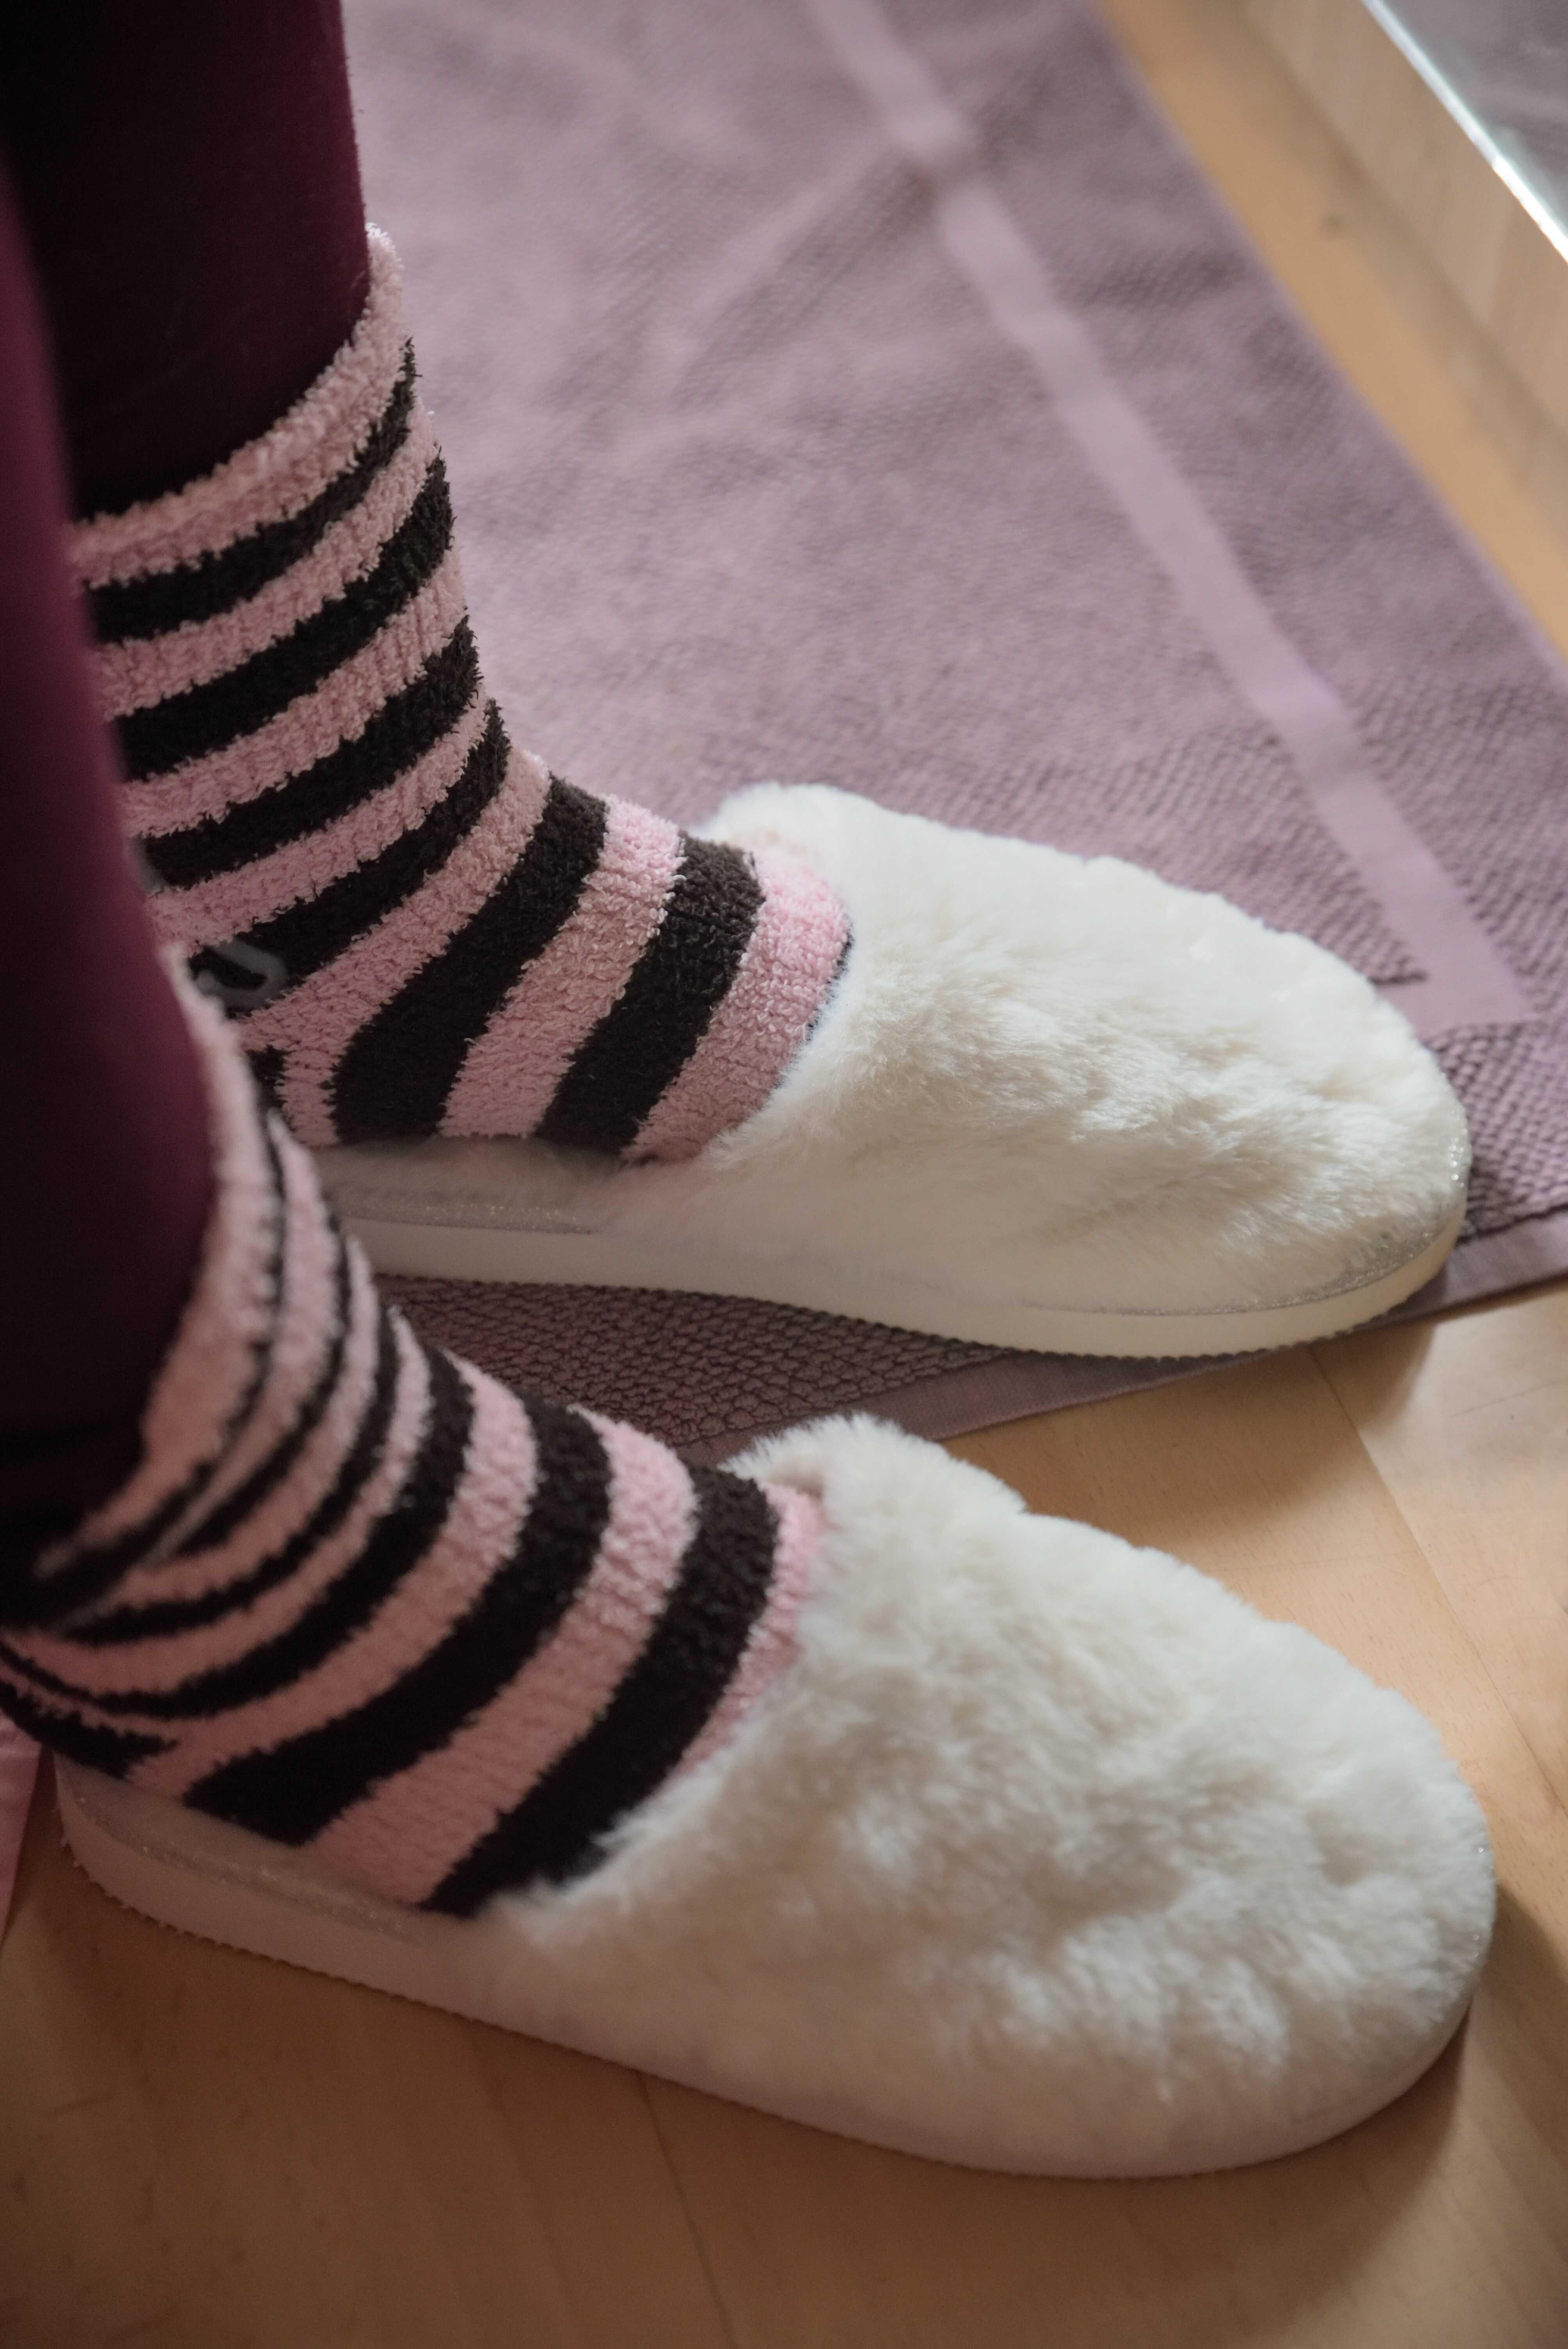 a white slipper